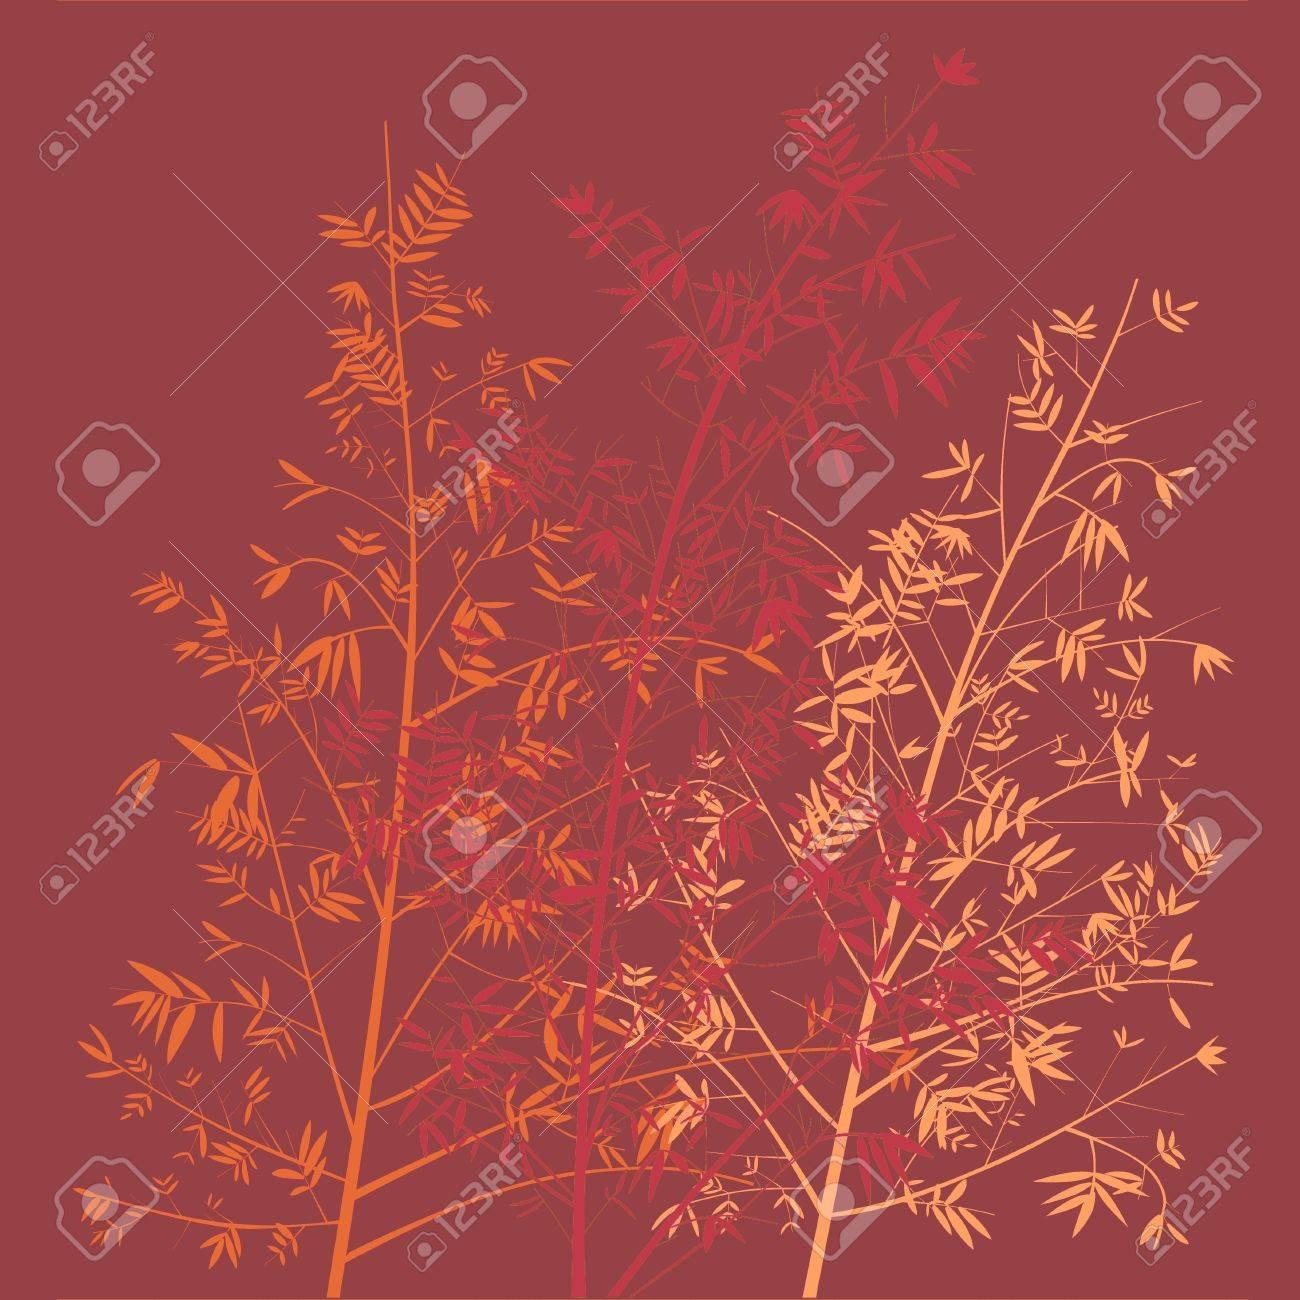 あたたかみのある地味な赤とオレンジ色の竹の森のイラスト背景